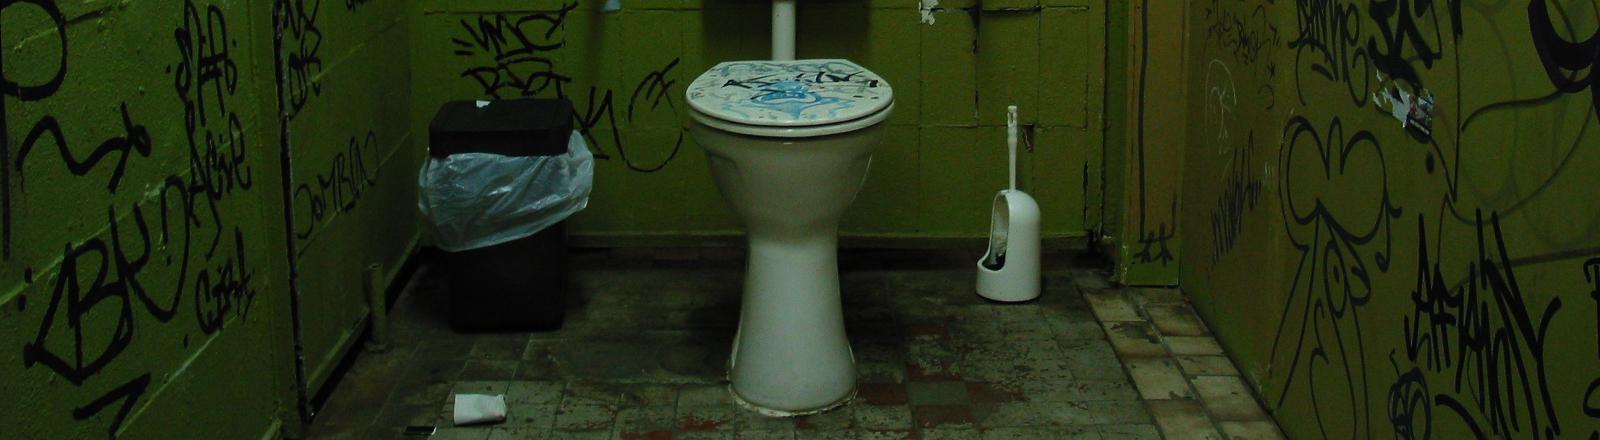 Eine Toilette in einer Kabine mit beschriebenen Wänden